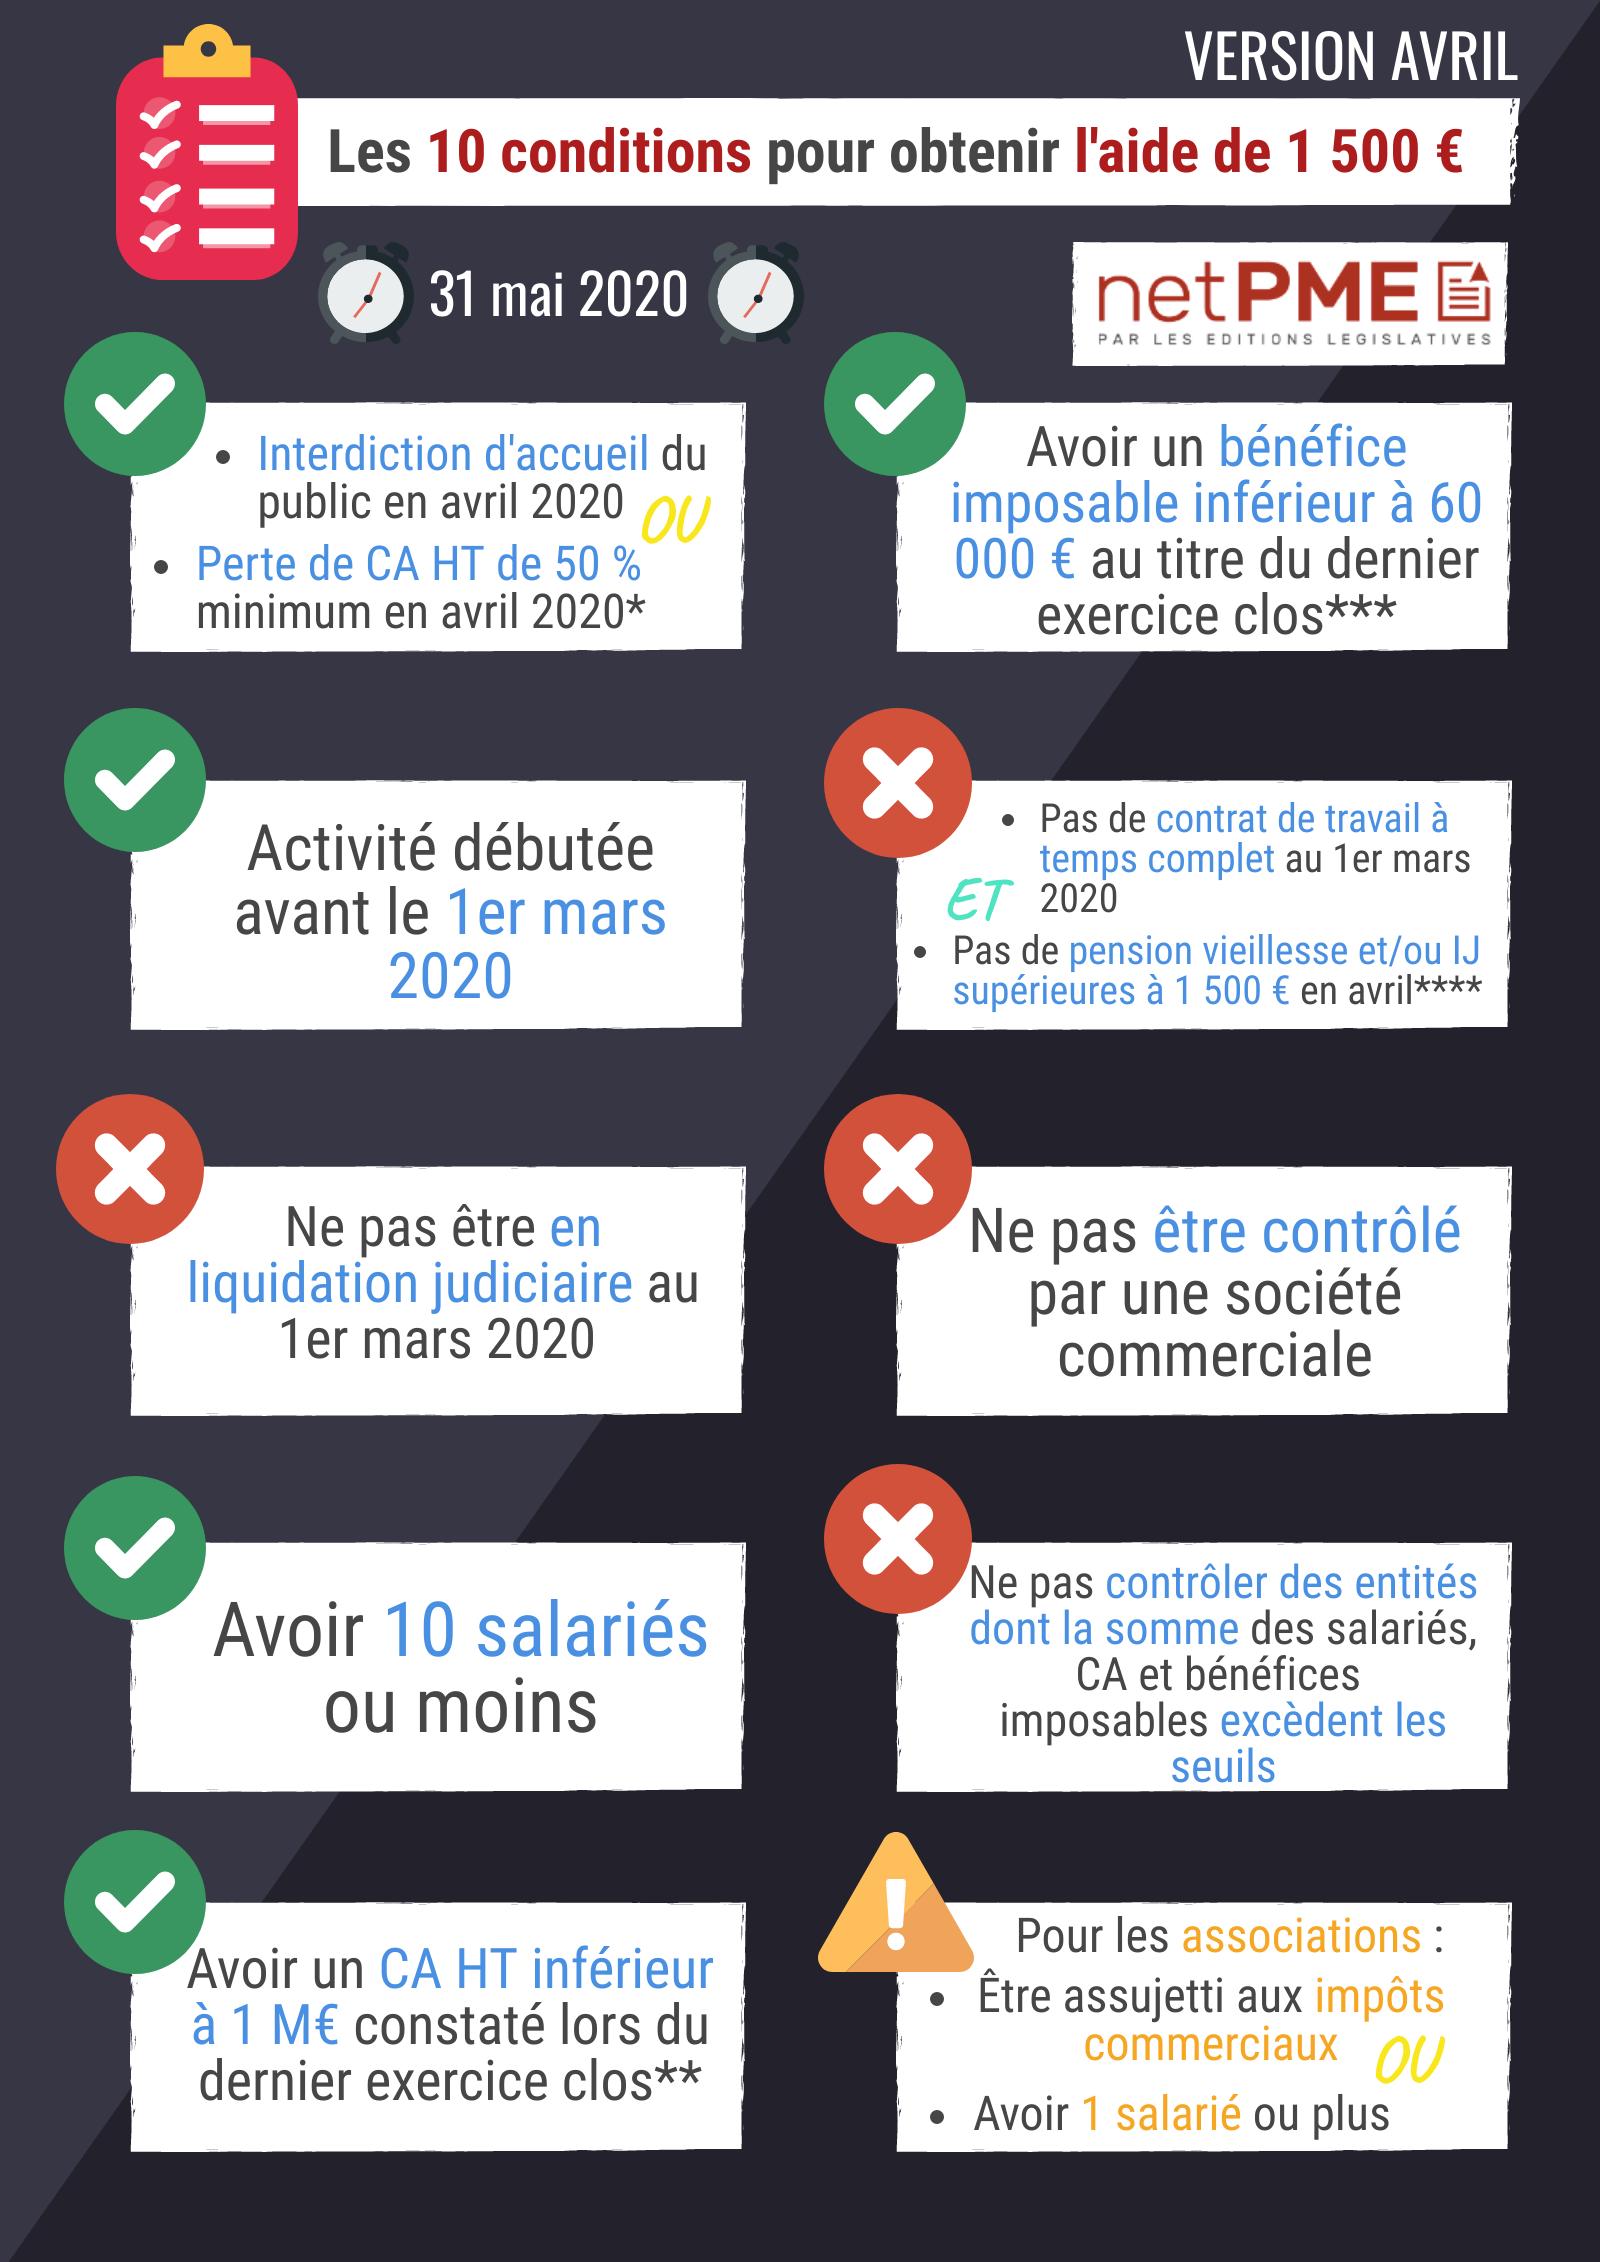 fonds de solidarité première aide premier volet mai netpme.fr 3